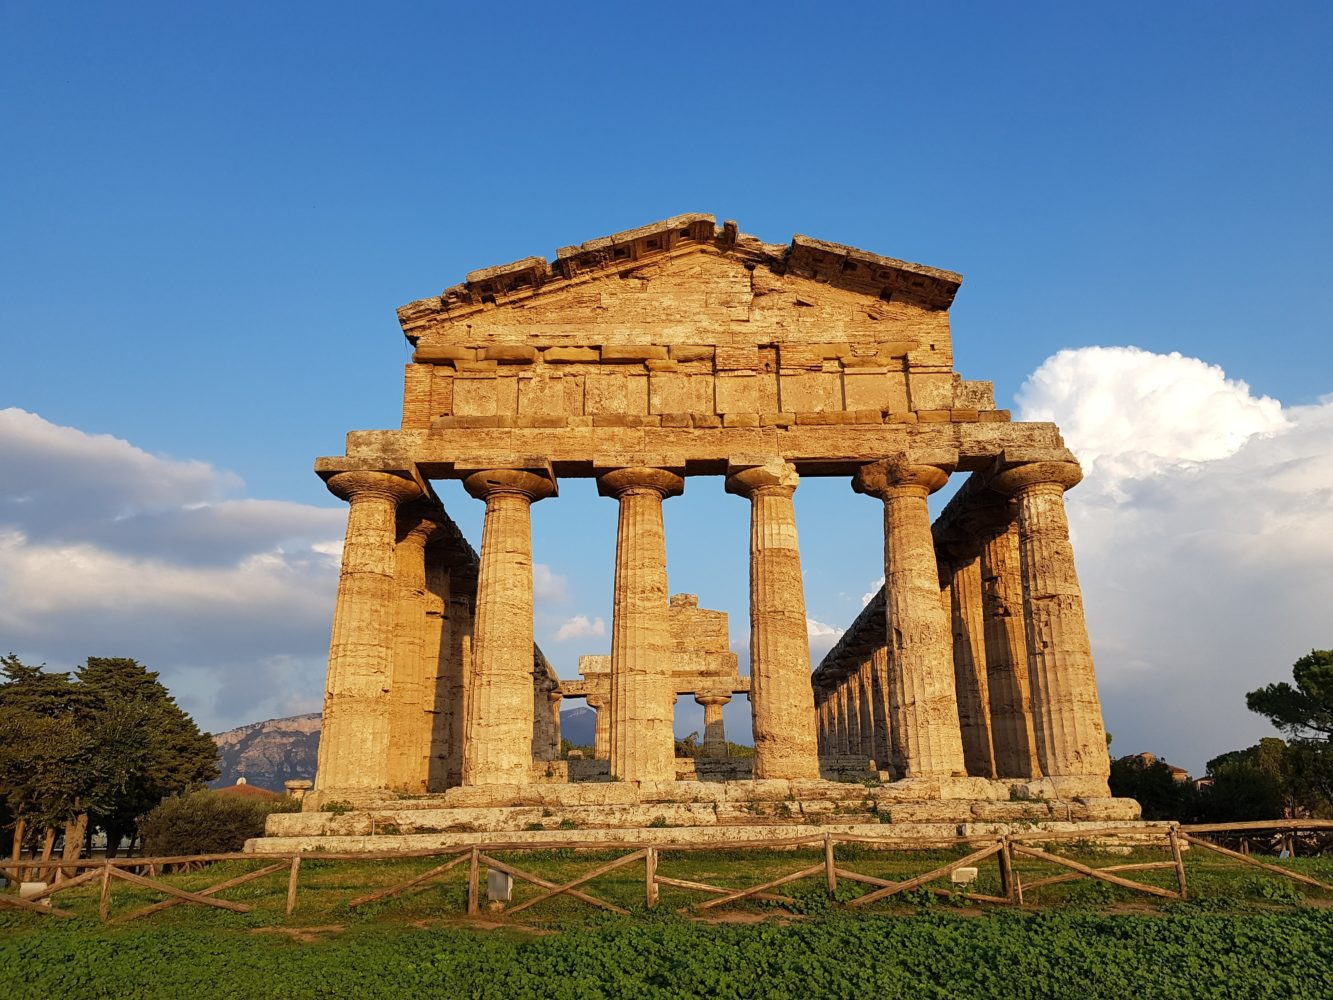 Tempio di Atena Scavi di Paestum, parco archeologico di paestum experience (1)